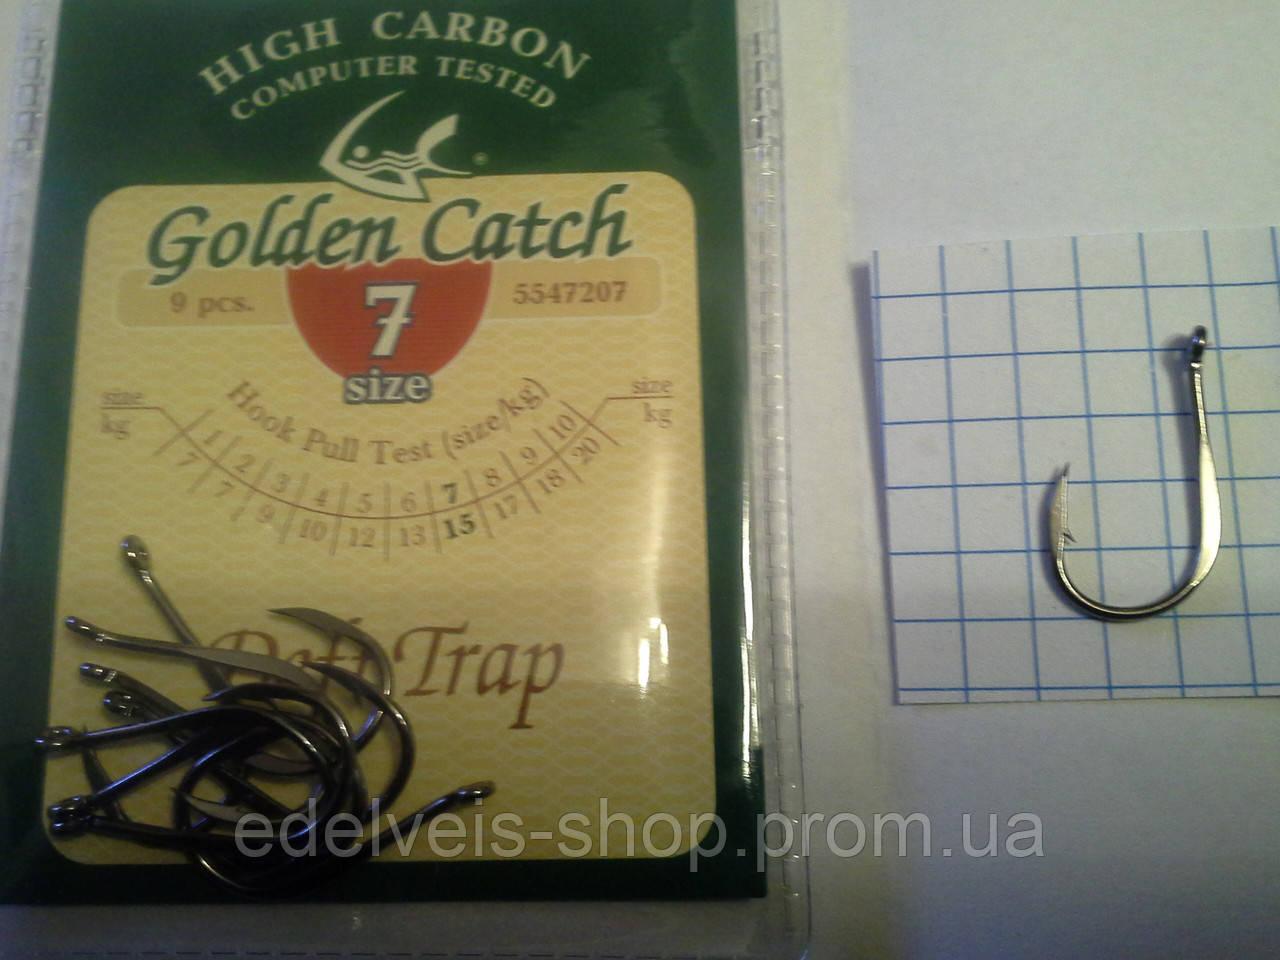 Крючки рыболовные Golden Catch DEFT TRAP 7